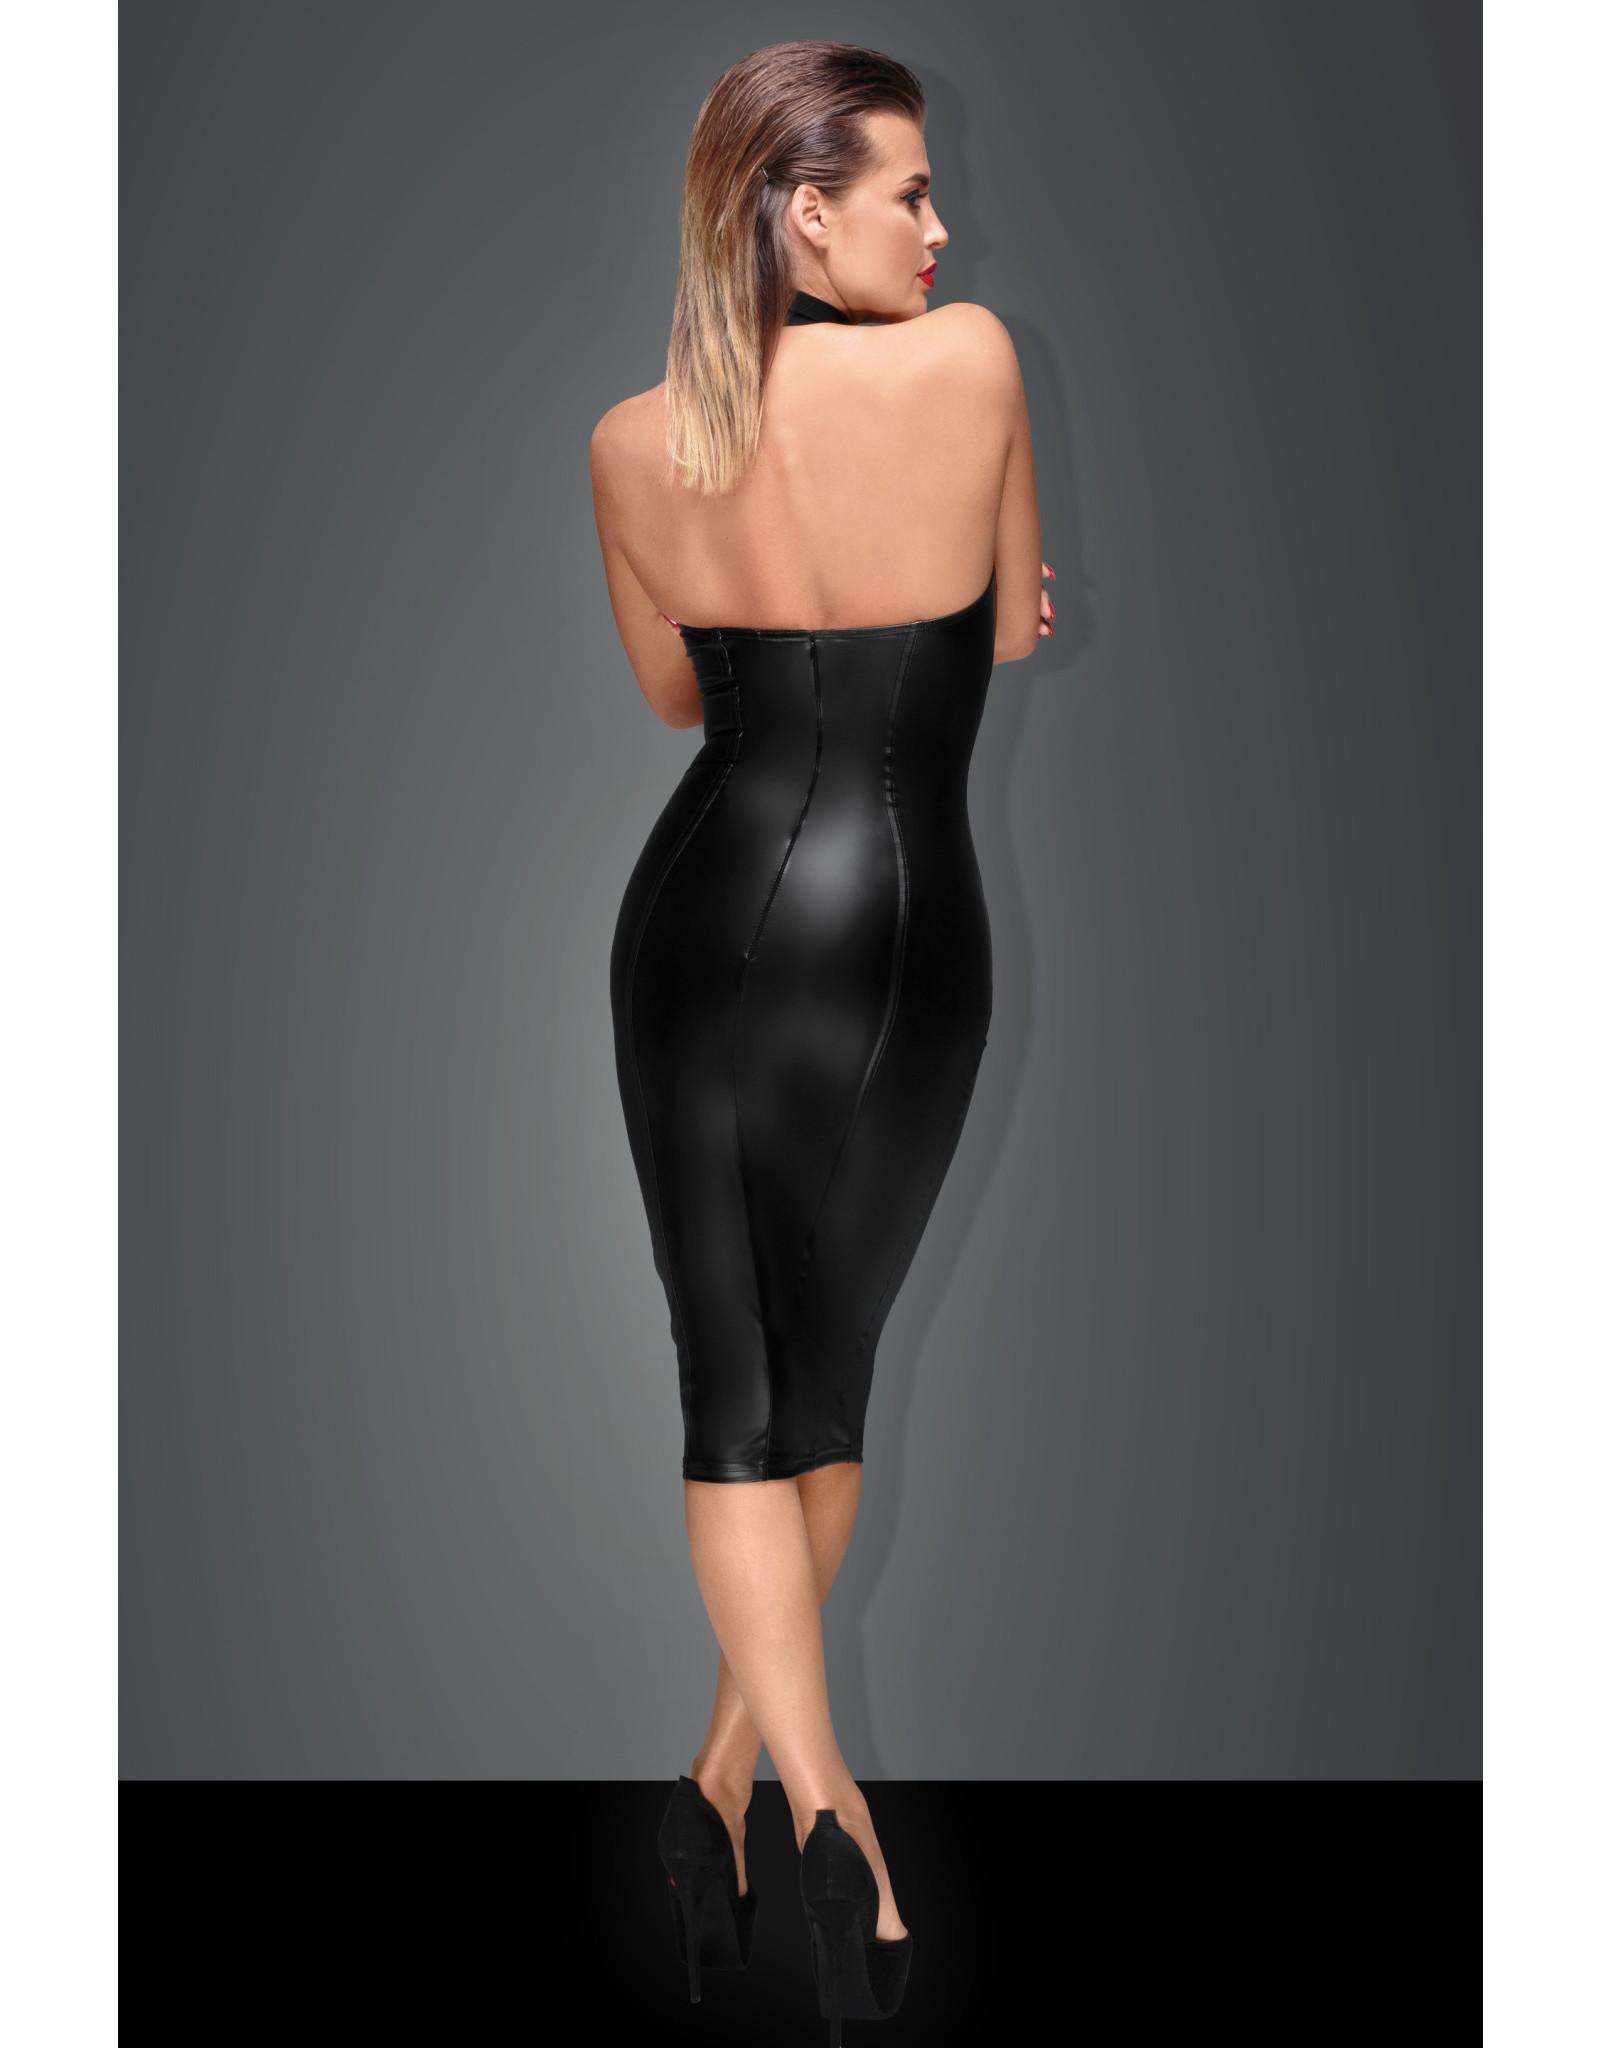 NOIR HANDMADE - POWER WET LOOK PENCIL DRESS - MEDIUM